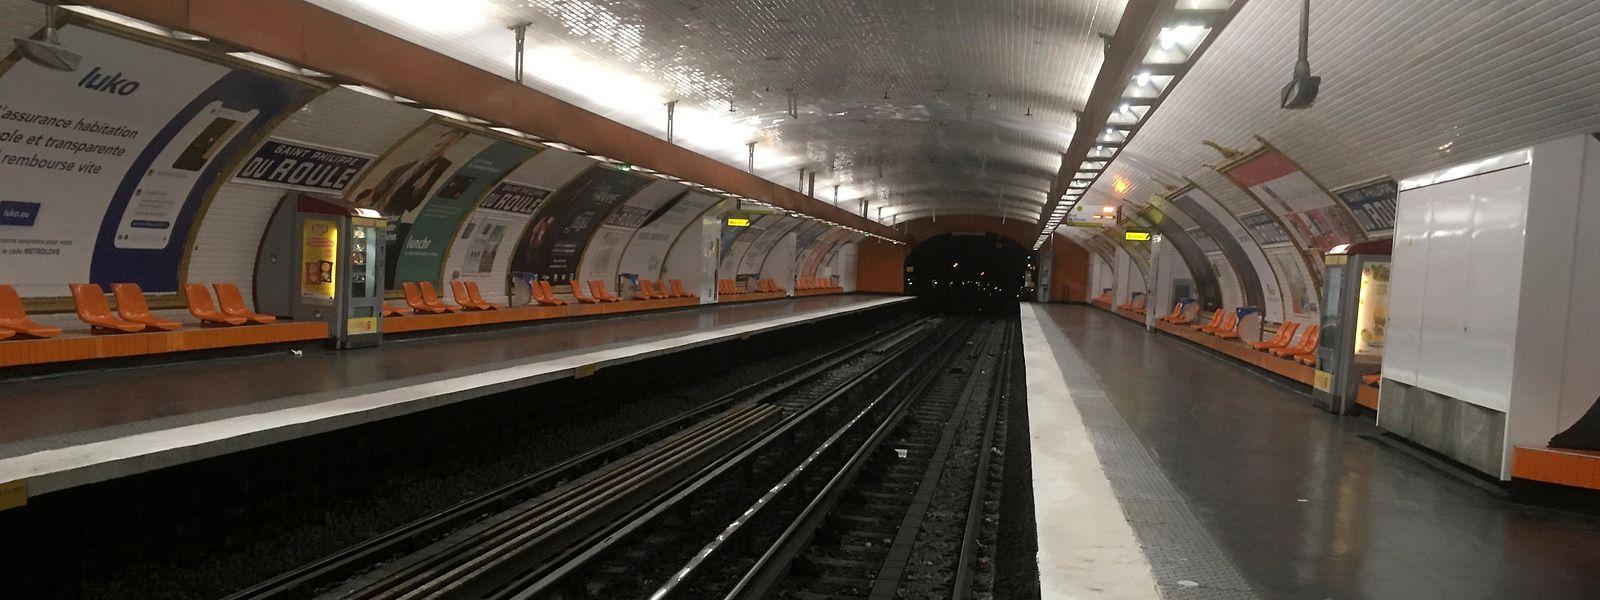 Gähnende Leere: Nach Angaben des Betreibers RATP sollen 10 von 16 Metro-Linien komplett stillstehen, bei vier weiteren werden schwere Störungen erwartet. Der Streikt richtet sich gegen die von der Regierung geplante große Rentenreform.